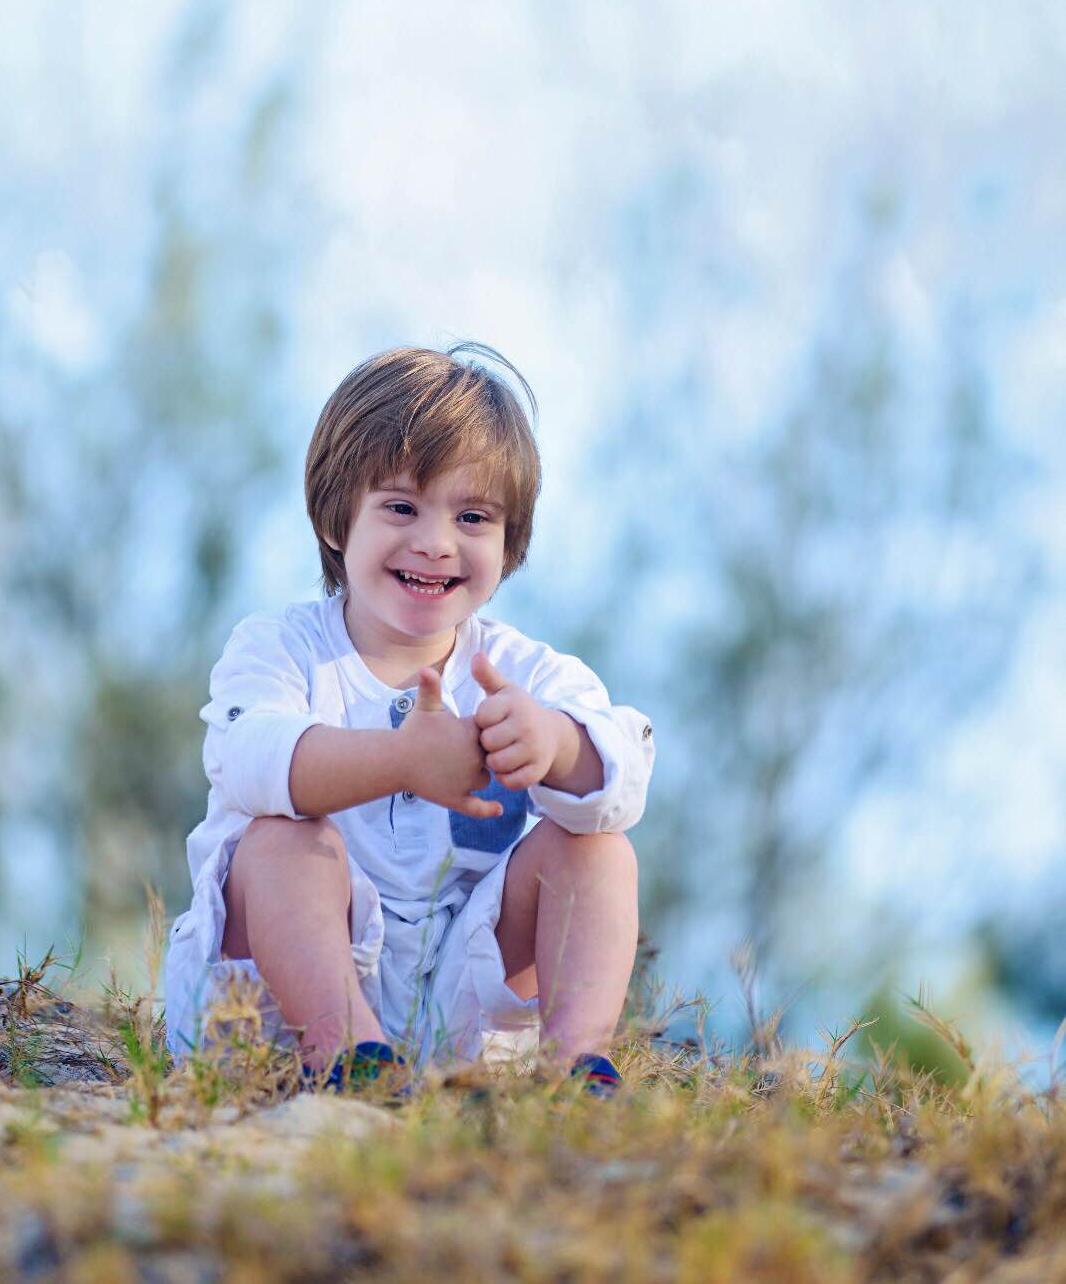 Joaquim adora música, guitarra, flauta, gaita e cavaquinho. Também adora desenho animado e é fã dos Minions. (FOTO: Reprodução/Arquivo Pessoa Cimária Bessa/@cleimaxlima)